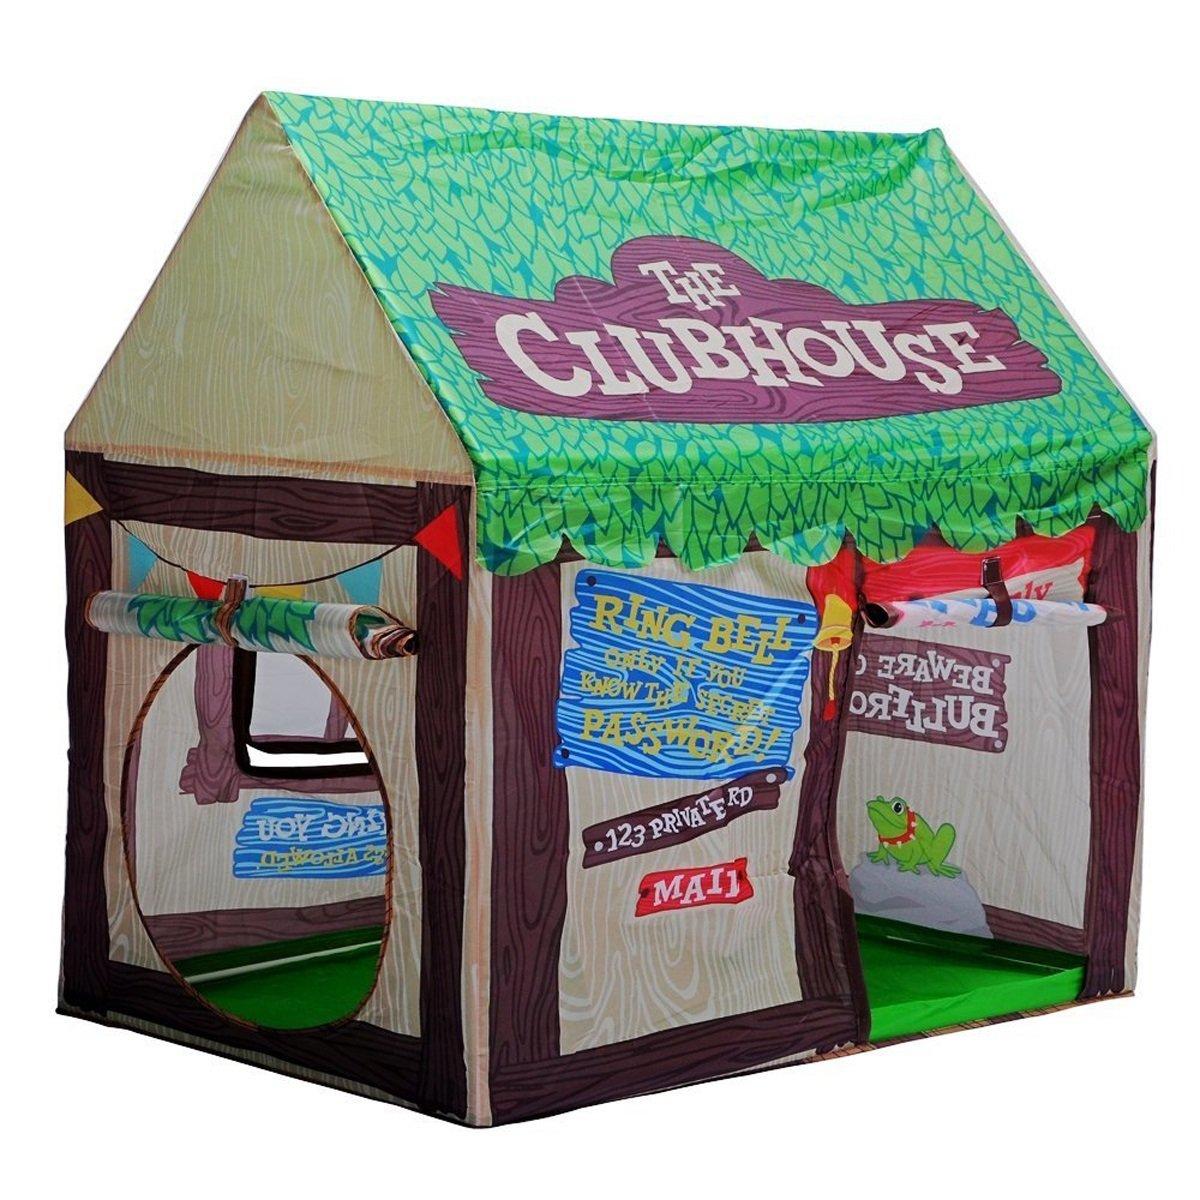 LF DD Tienda de juego de los niños que imprime la casa plegable del almacenamiento del juego del bebé (embalaje verde de 43.3  27.6  39.4 pulgadas de 1)